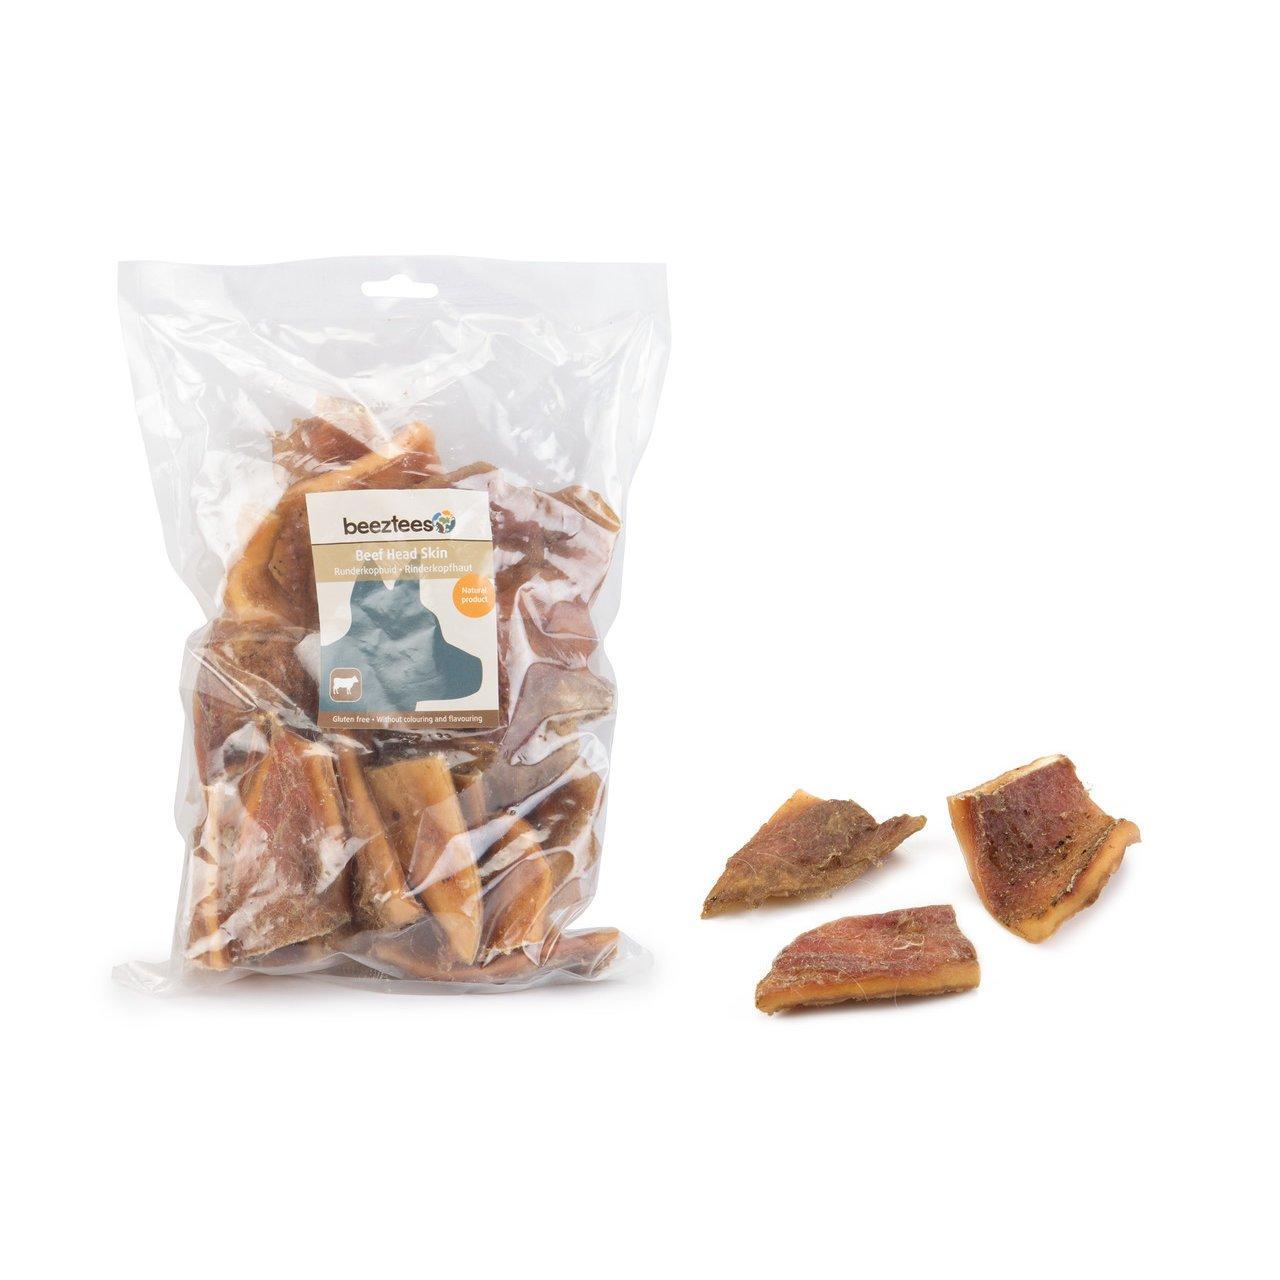 Beeztees Rinderkopfhautstücke für Hunde, 500 g